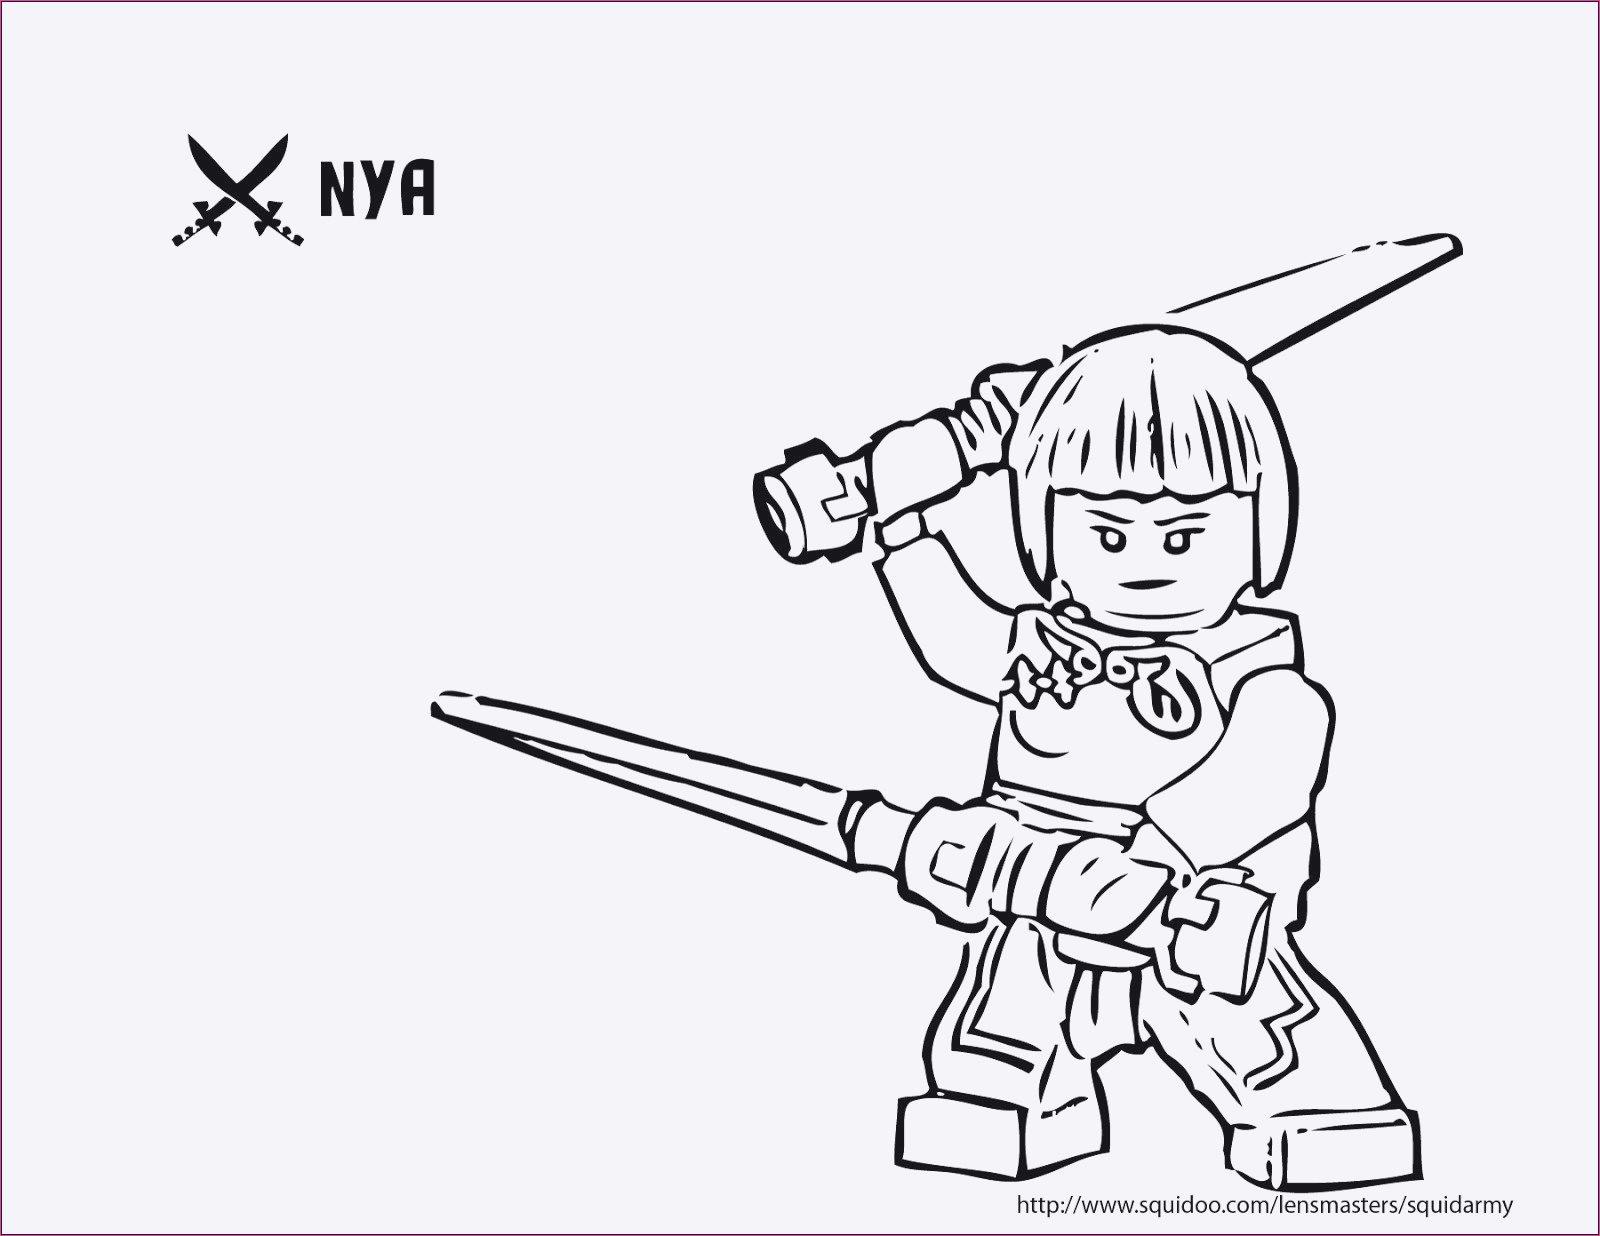 Ausmalbilder Ninjago Nya Inspirierend Malvorlagen Ninjago Nya Sammlung